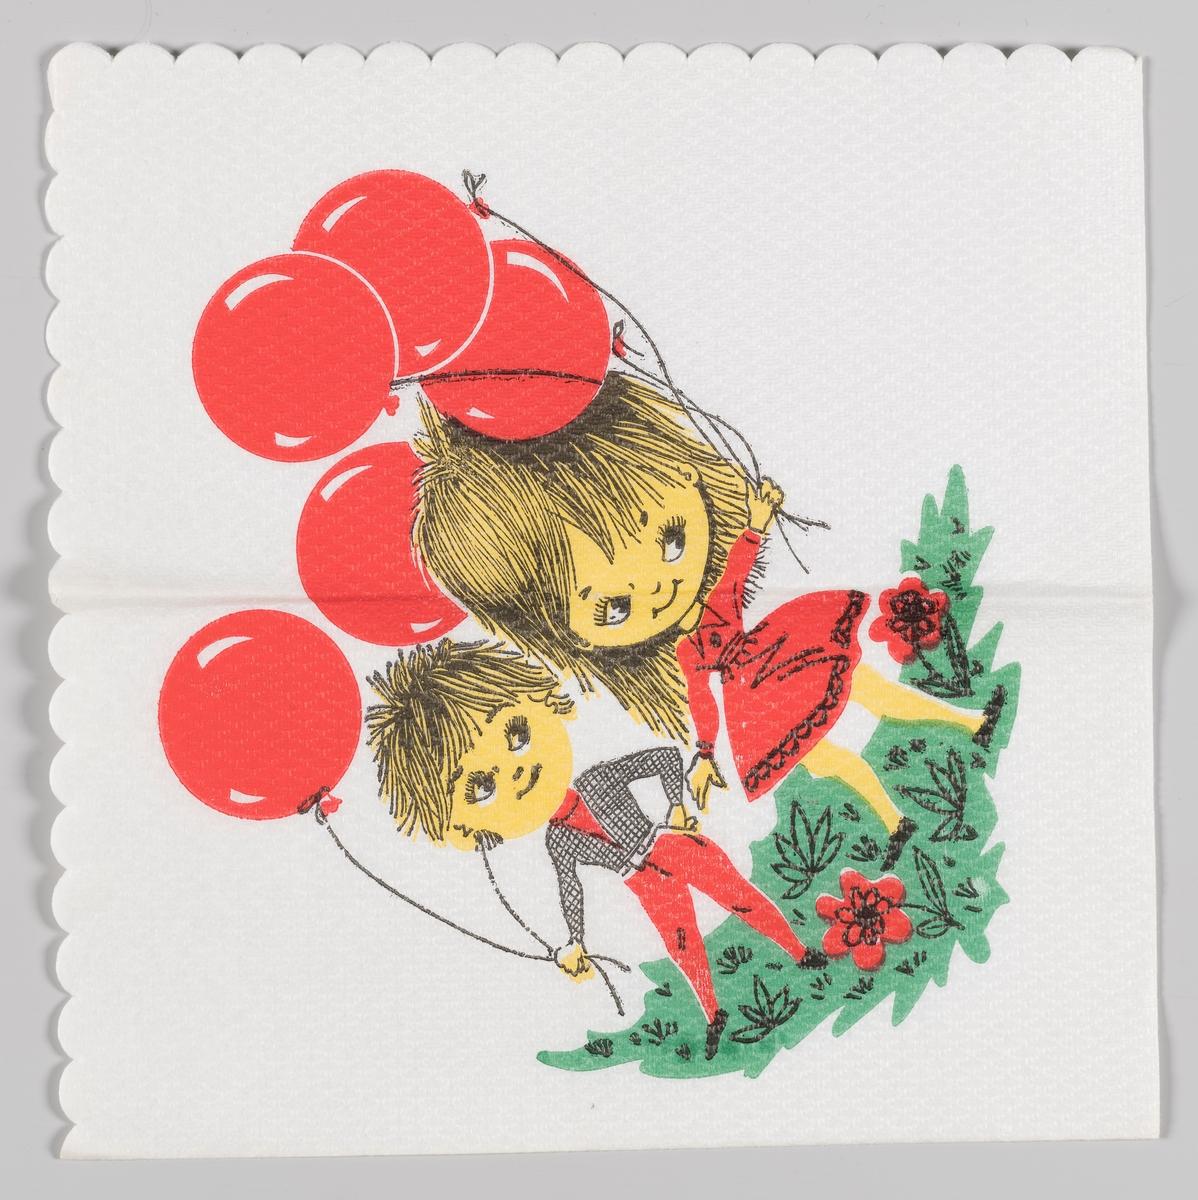 To barn stå rmed røde ballonger i en blomstereng.